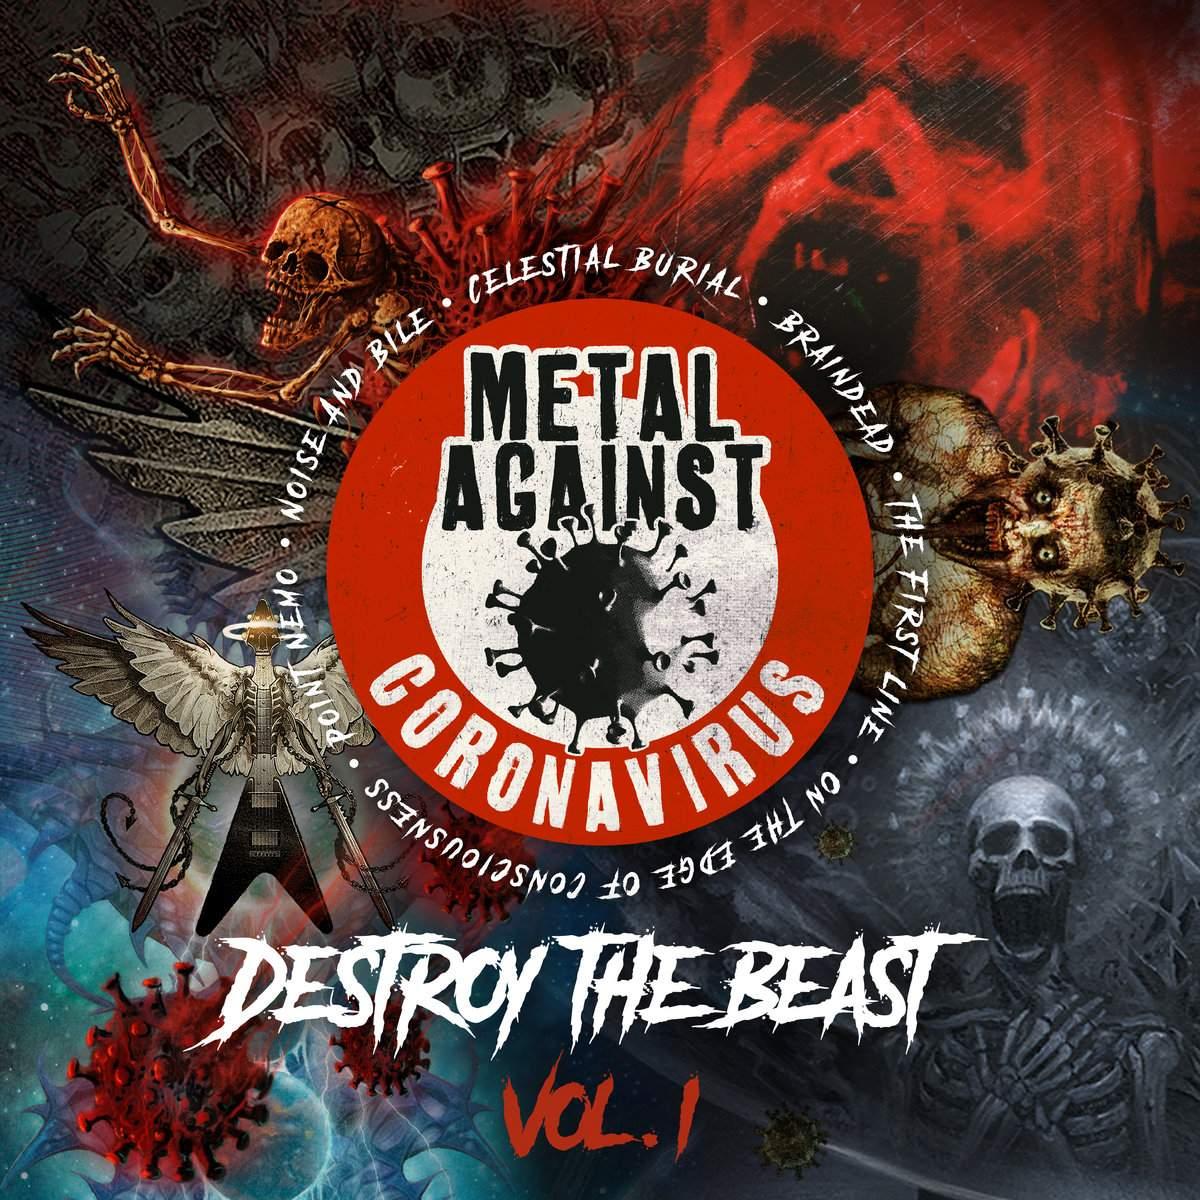 Metal Against Coronavirus - Destroy the Beast, Vol. 1